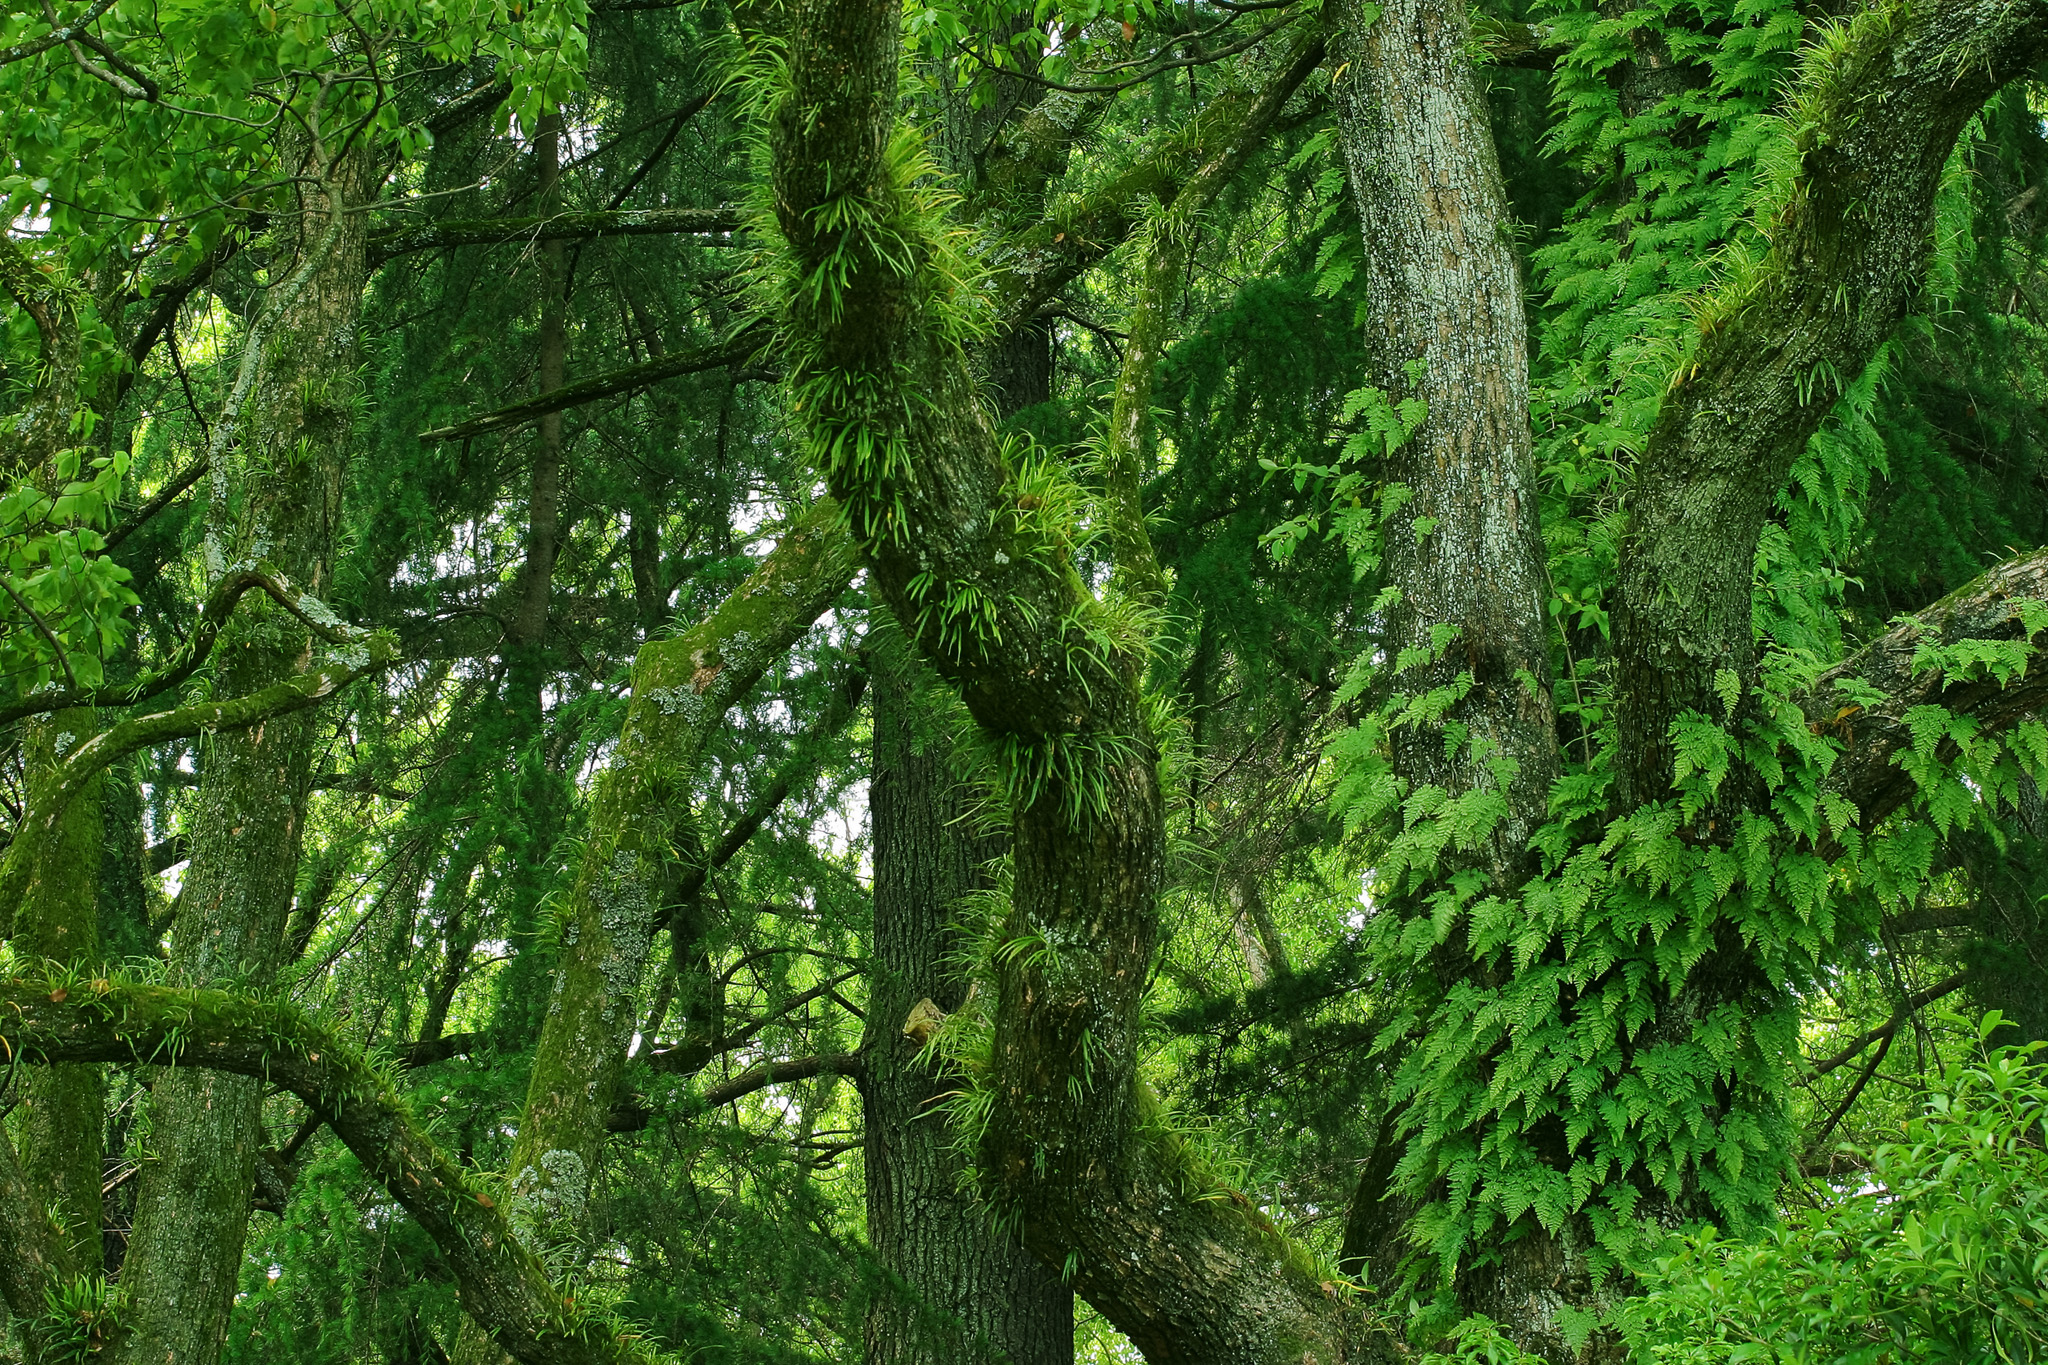 「鬱蒼とした草木生える樹海」の素材を無料ダウンロード